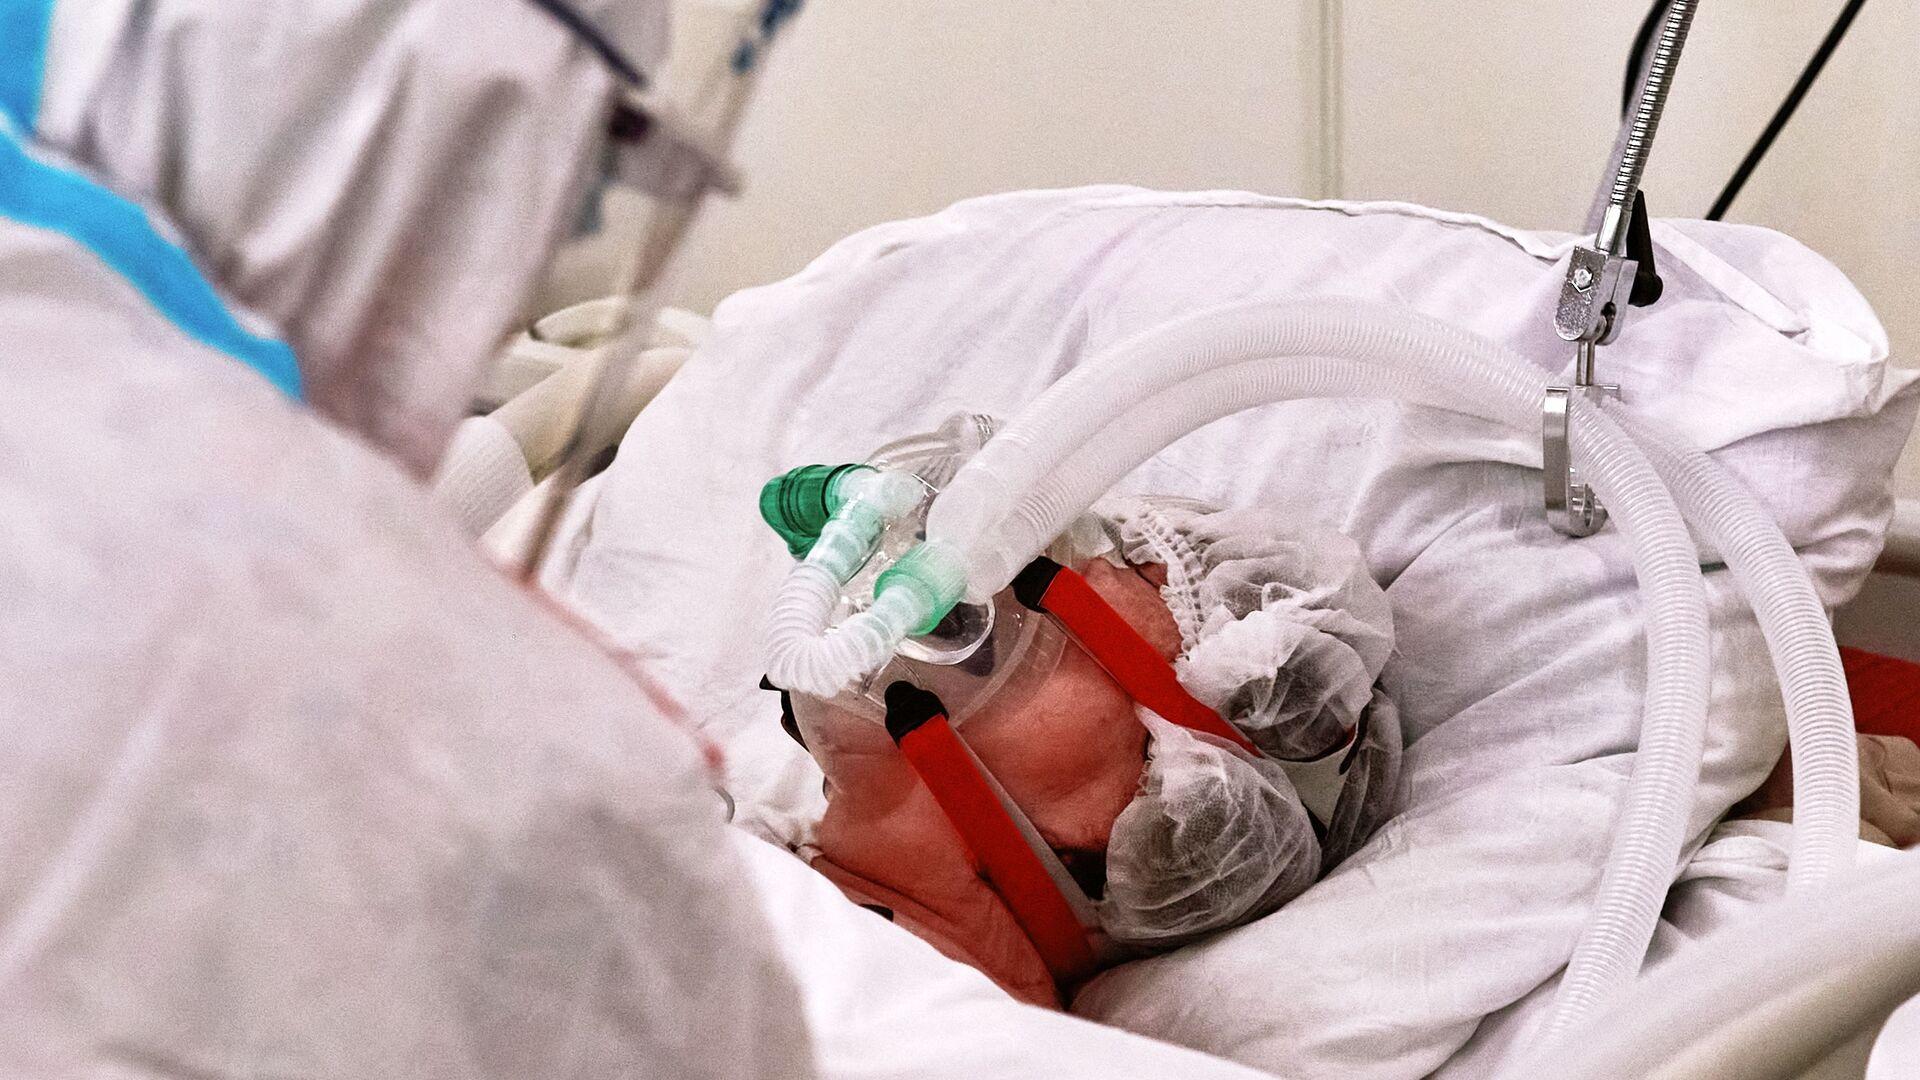 Un equipamiento médico suministra oxígeno para un paciente con el COVID-19 - Sputnik Mundo, 1920, 26.03.2021